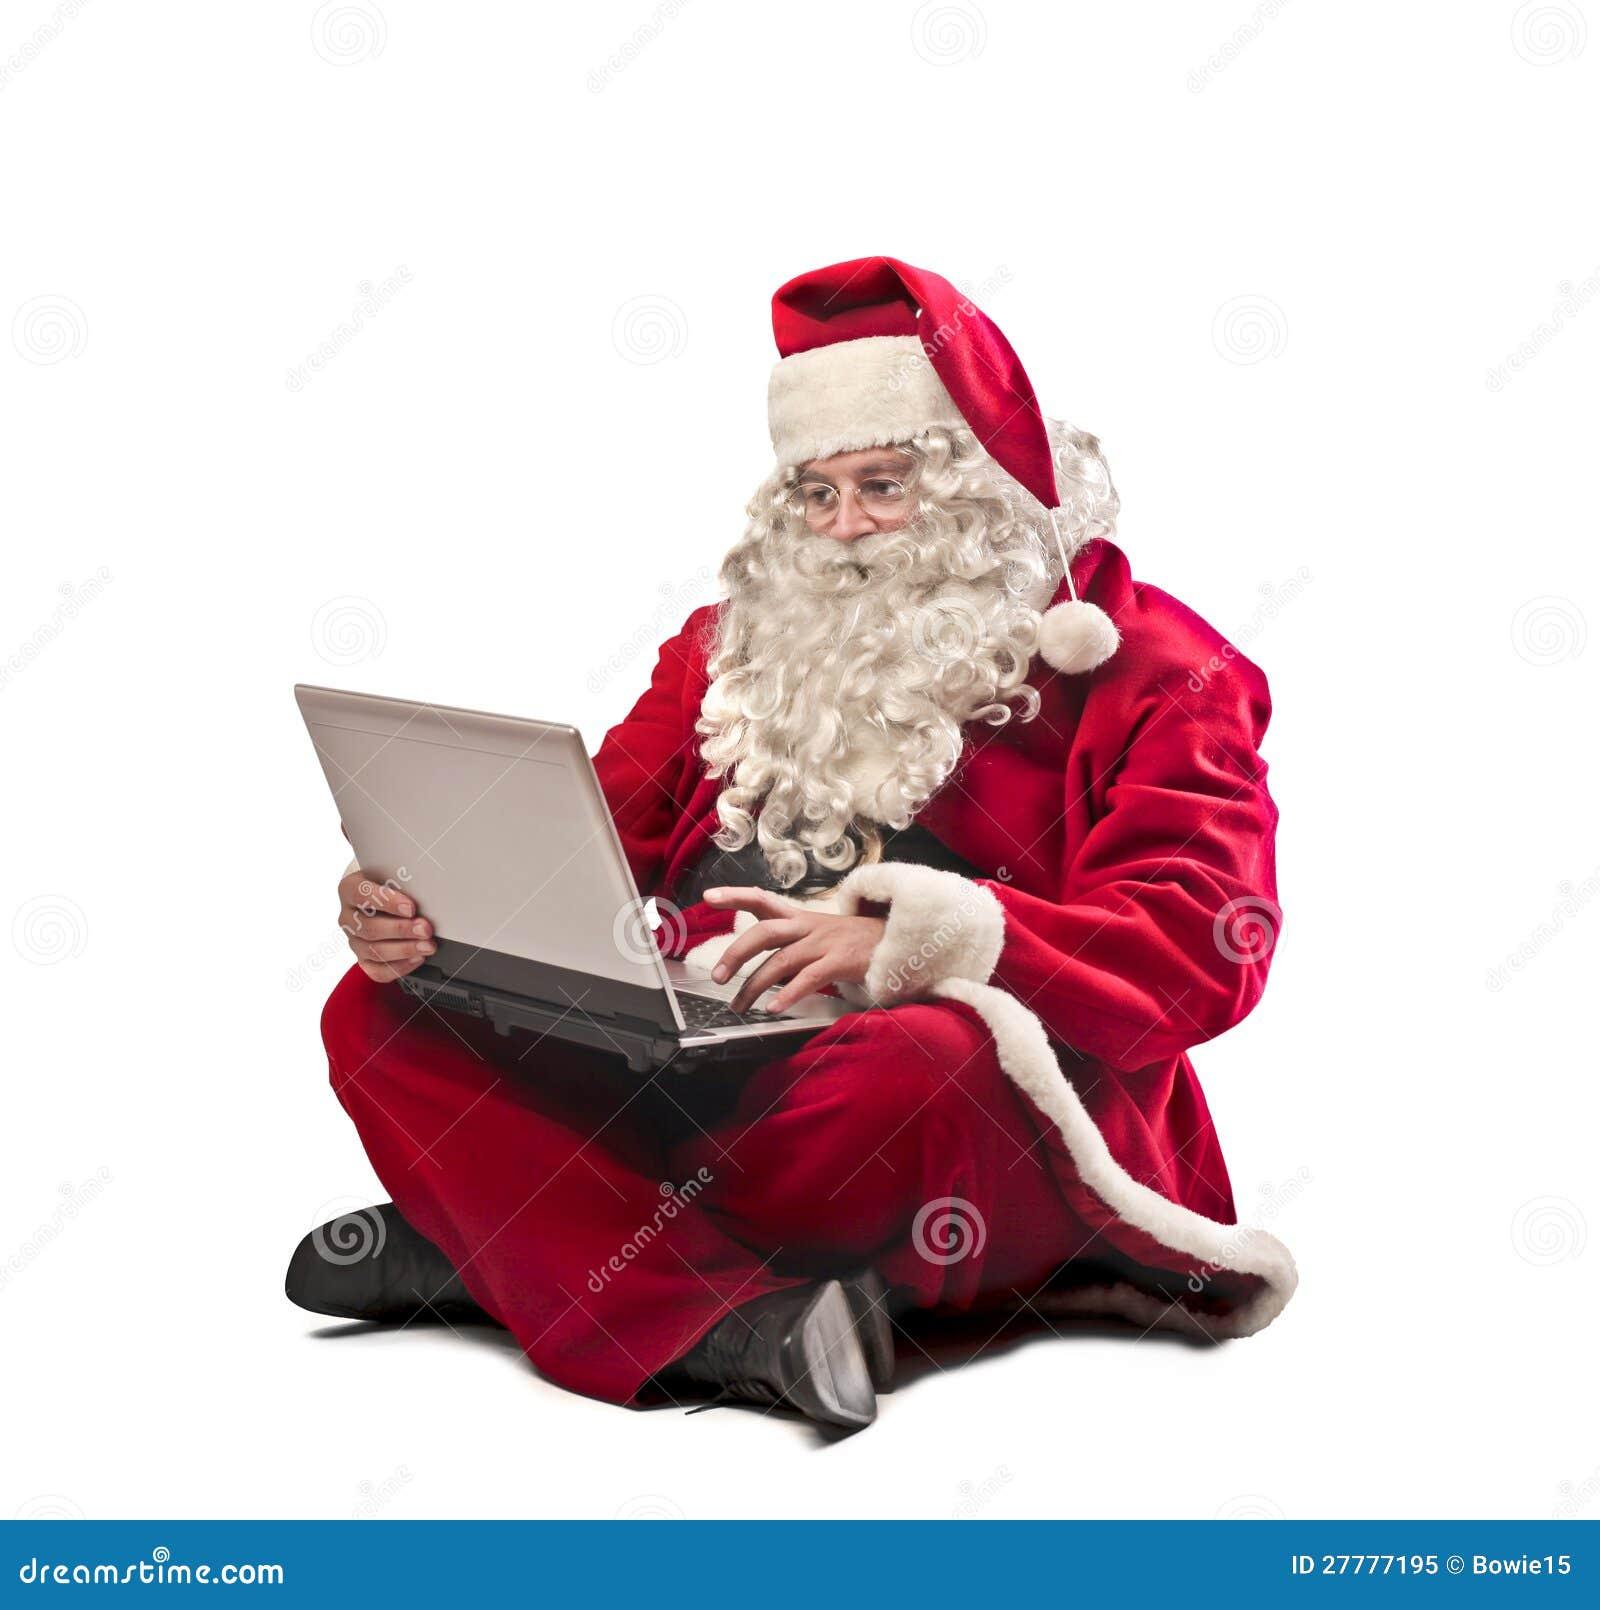 Santa Claus Laptop Royalty Free Stock Image